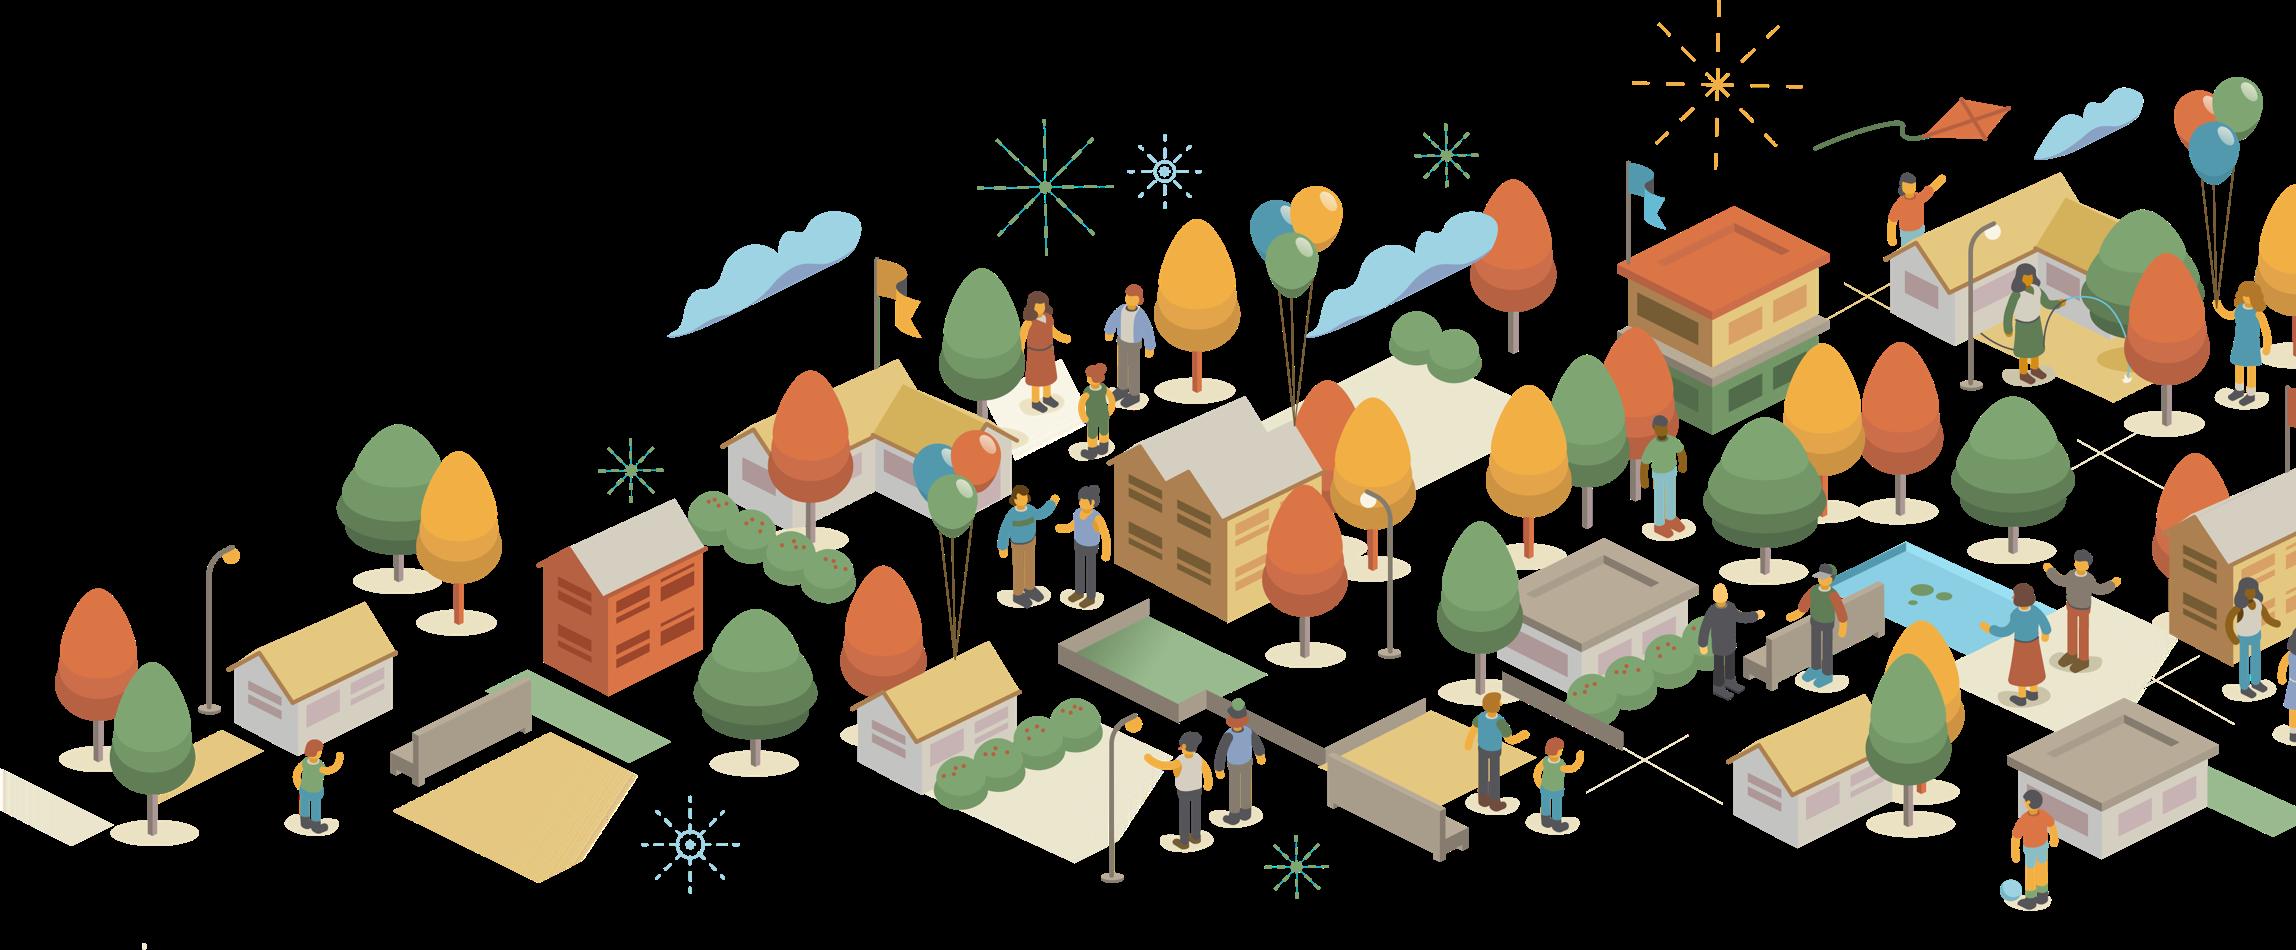 image-illustration-desktop